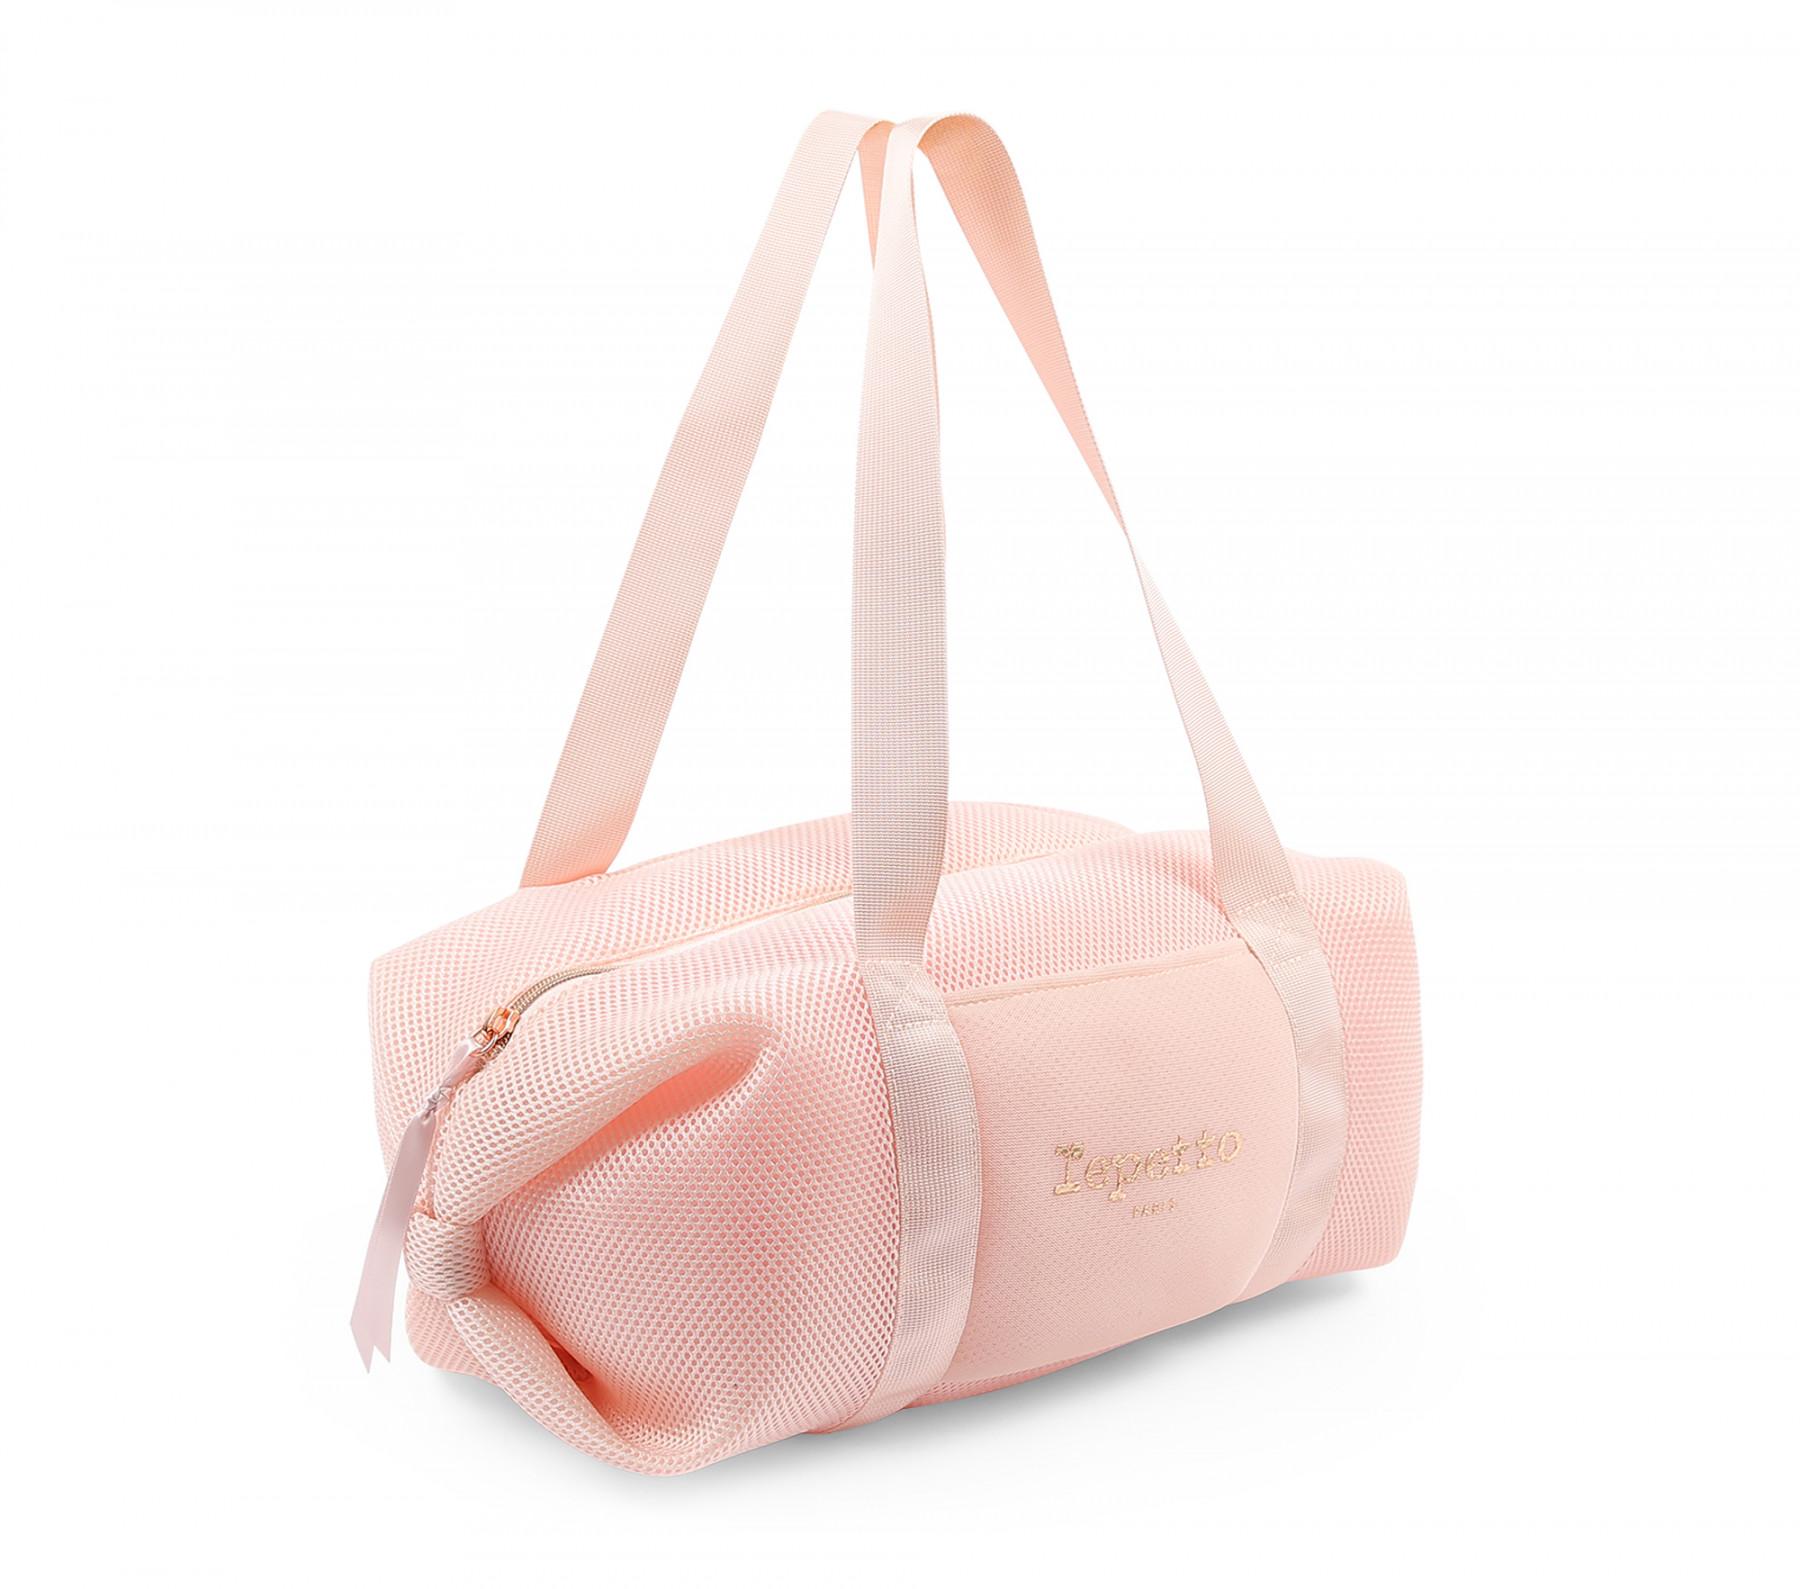 888d158492a Duffle bag Size M